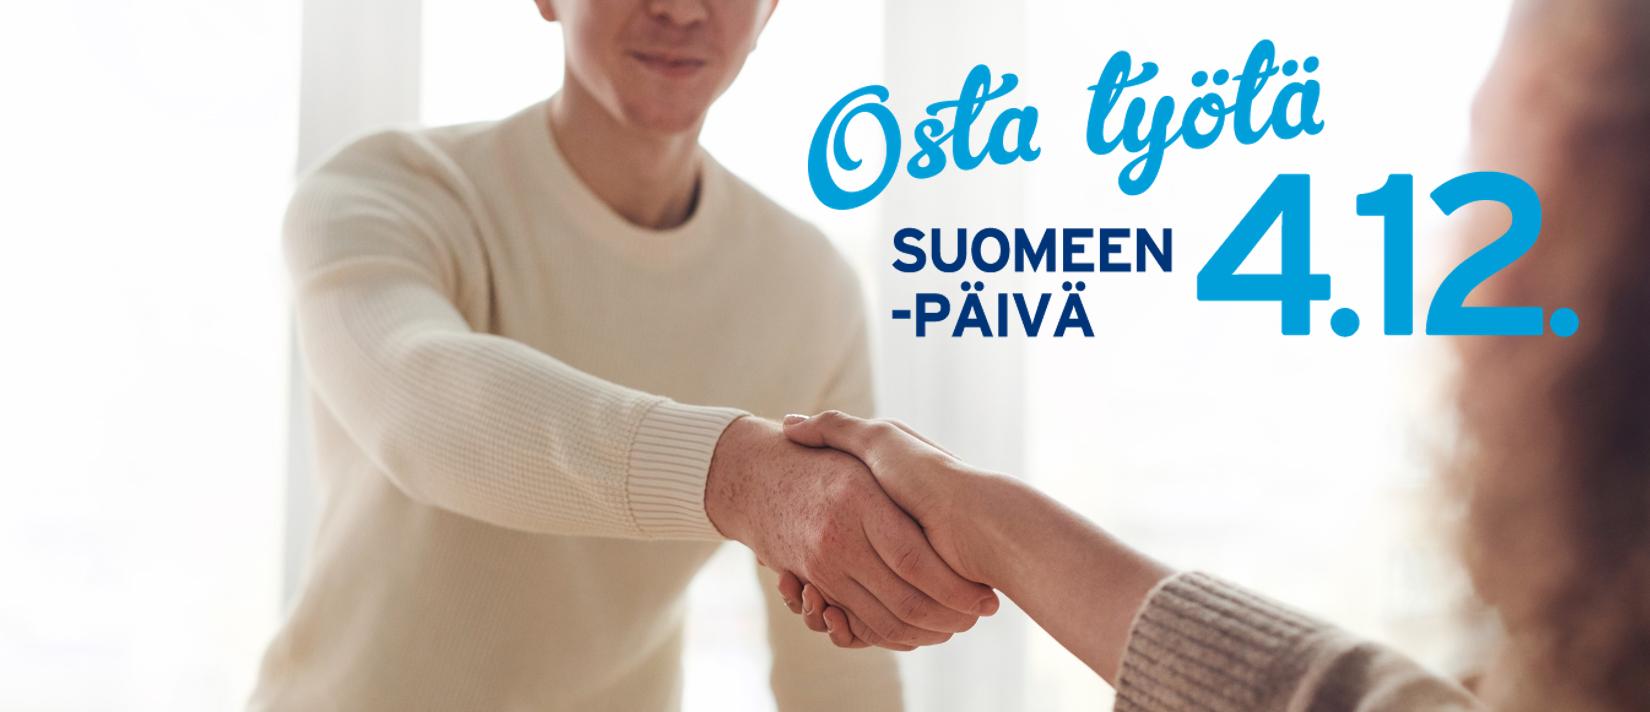 Sonet Osta työtä Suomeen